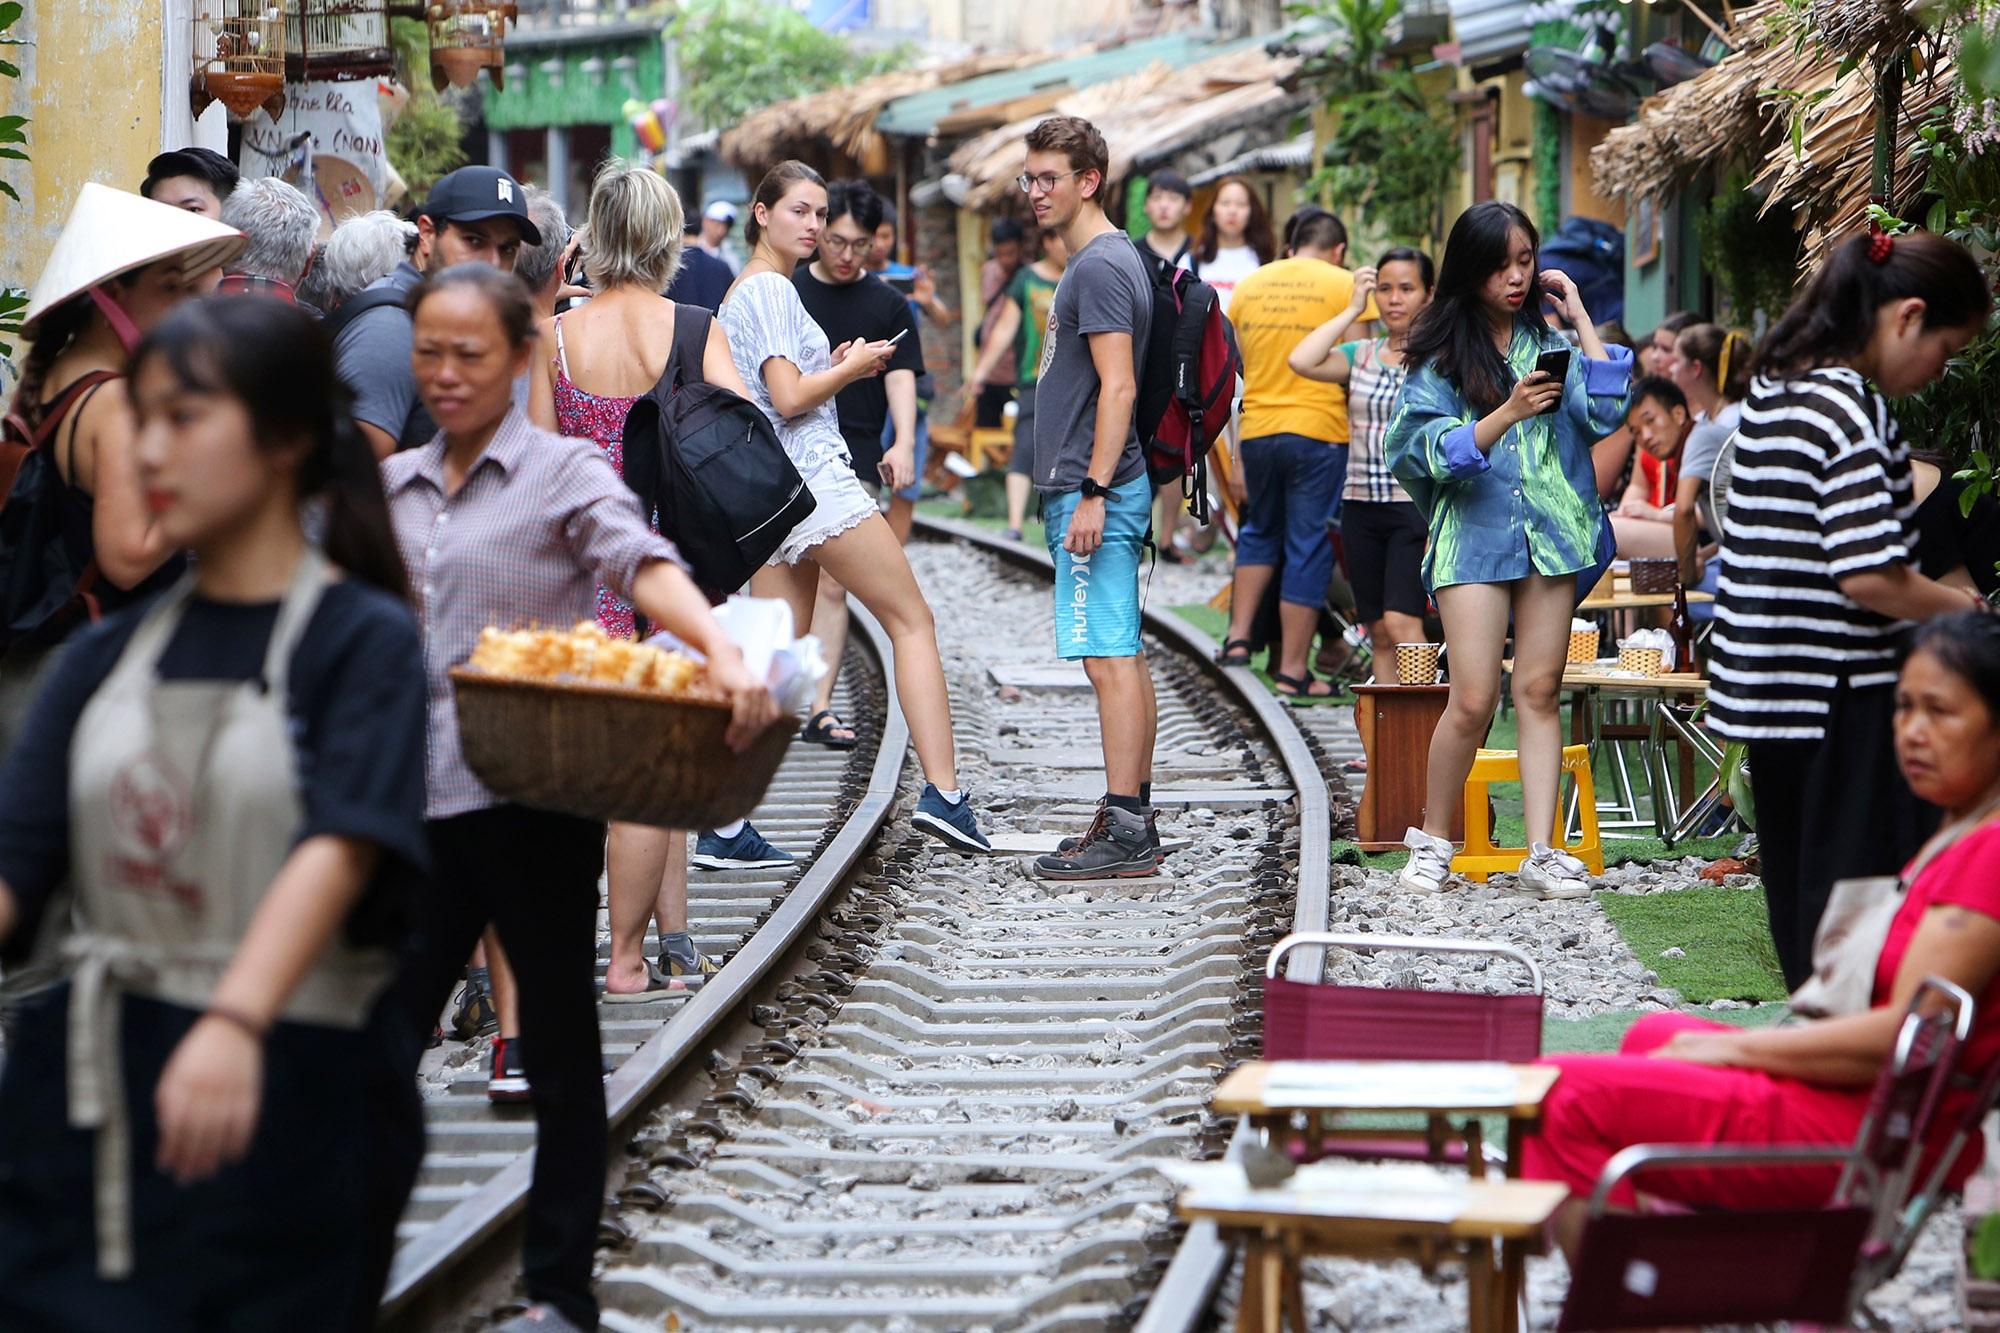 Xóm đường tàu lên đời thành điểm du lịch hấp dẫn ở Hà Nội - 2